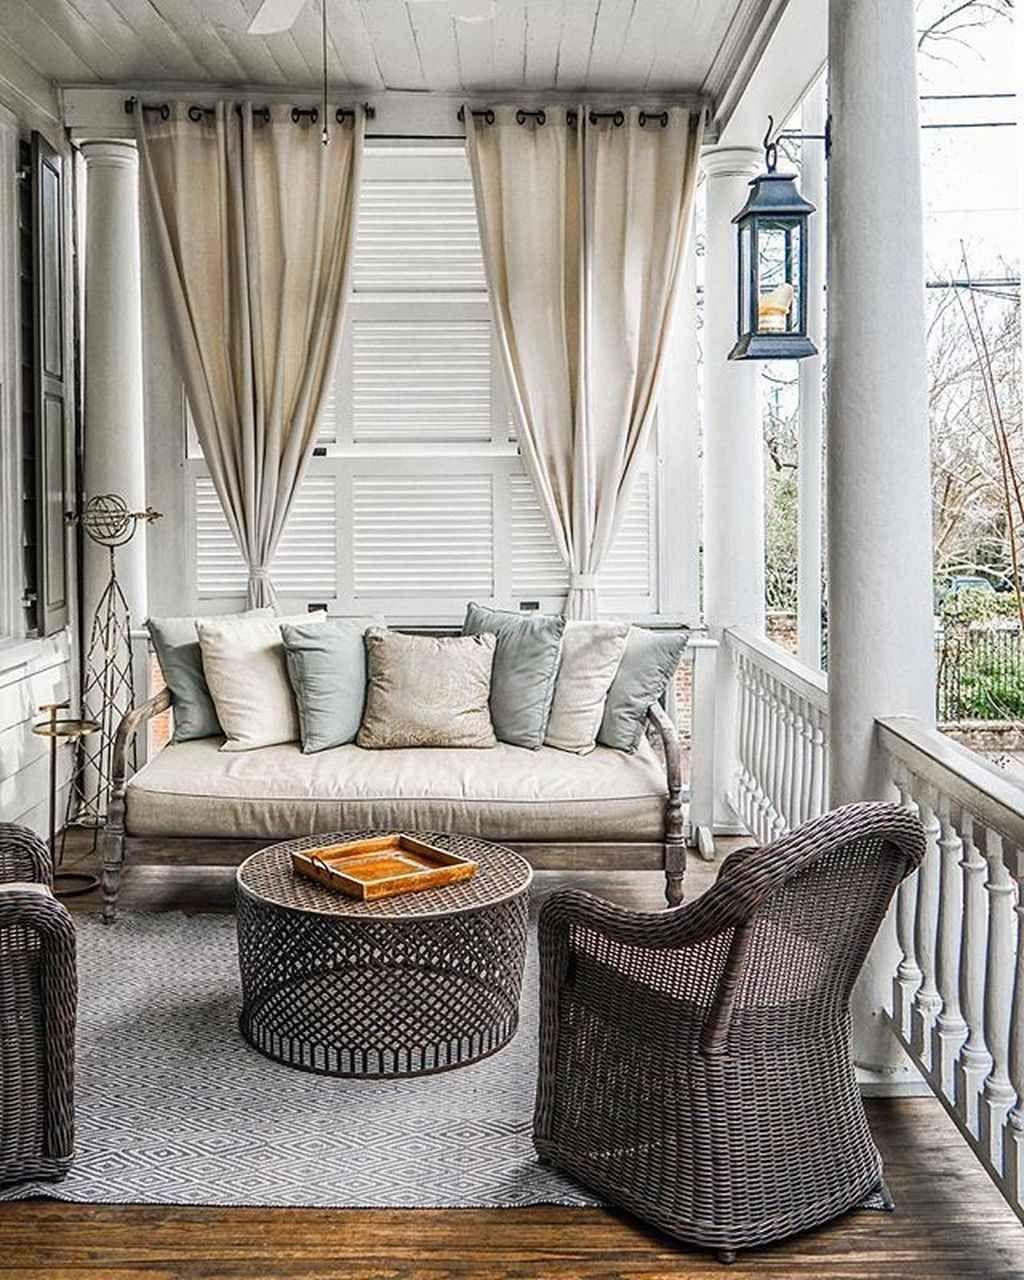 85 Awesome Summer Front Porch Decorating Ideas Rideaux En Plein Air Meuble Et Idees Veranda